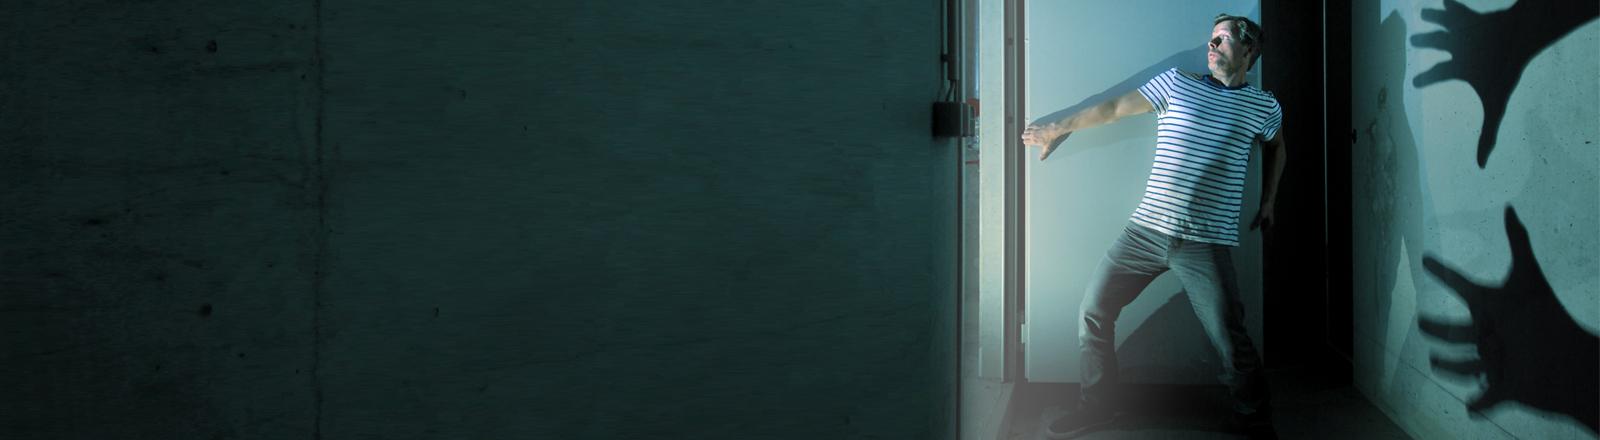 Ein Mann schaut mit Entsetzen in einen Raum, von hinten nähern sich gruselige Schattenhände.